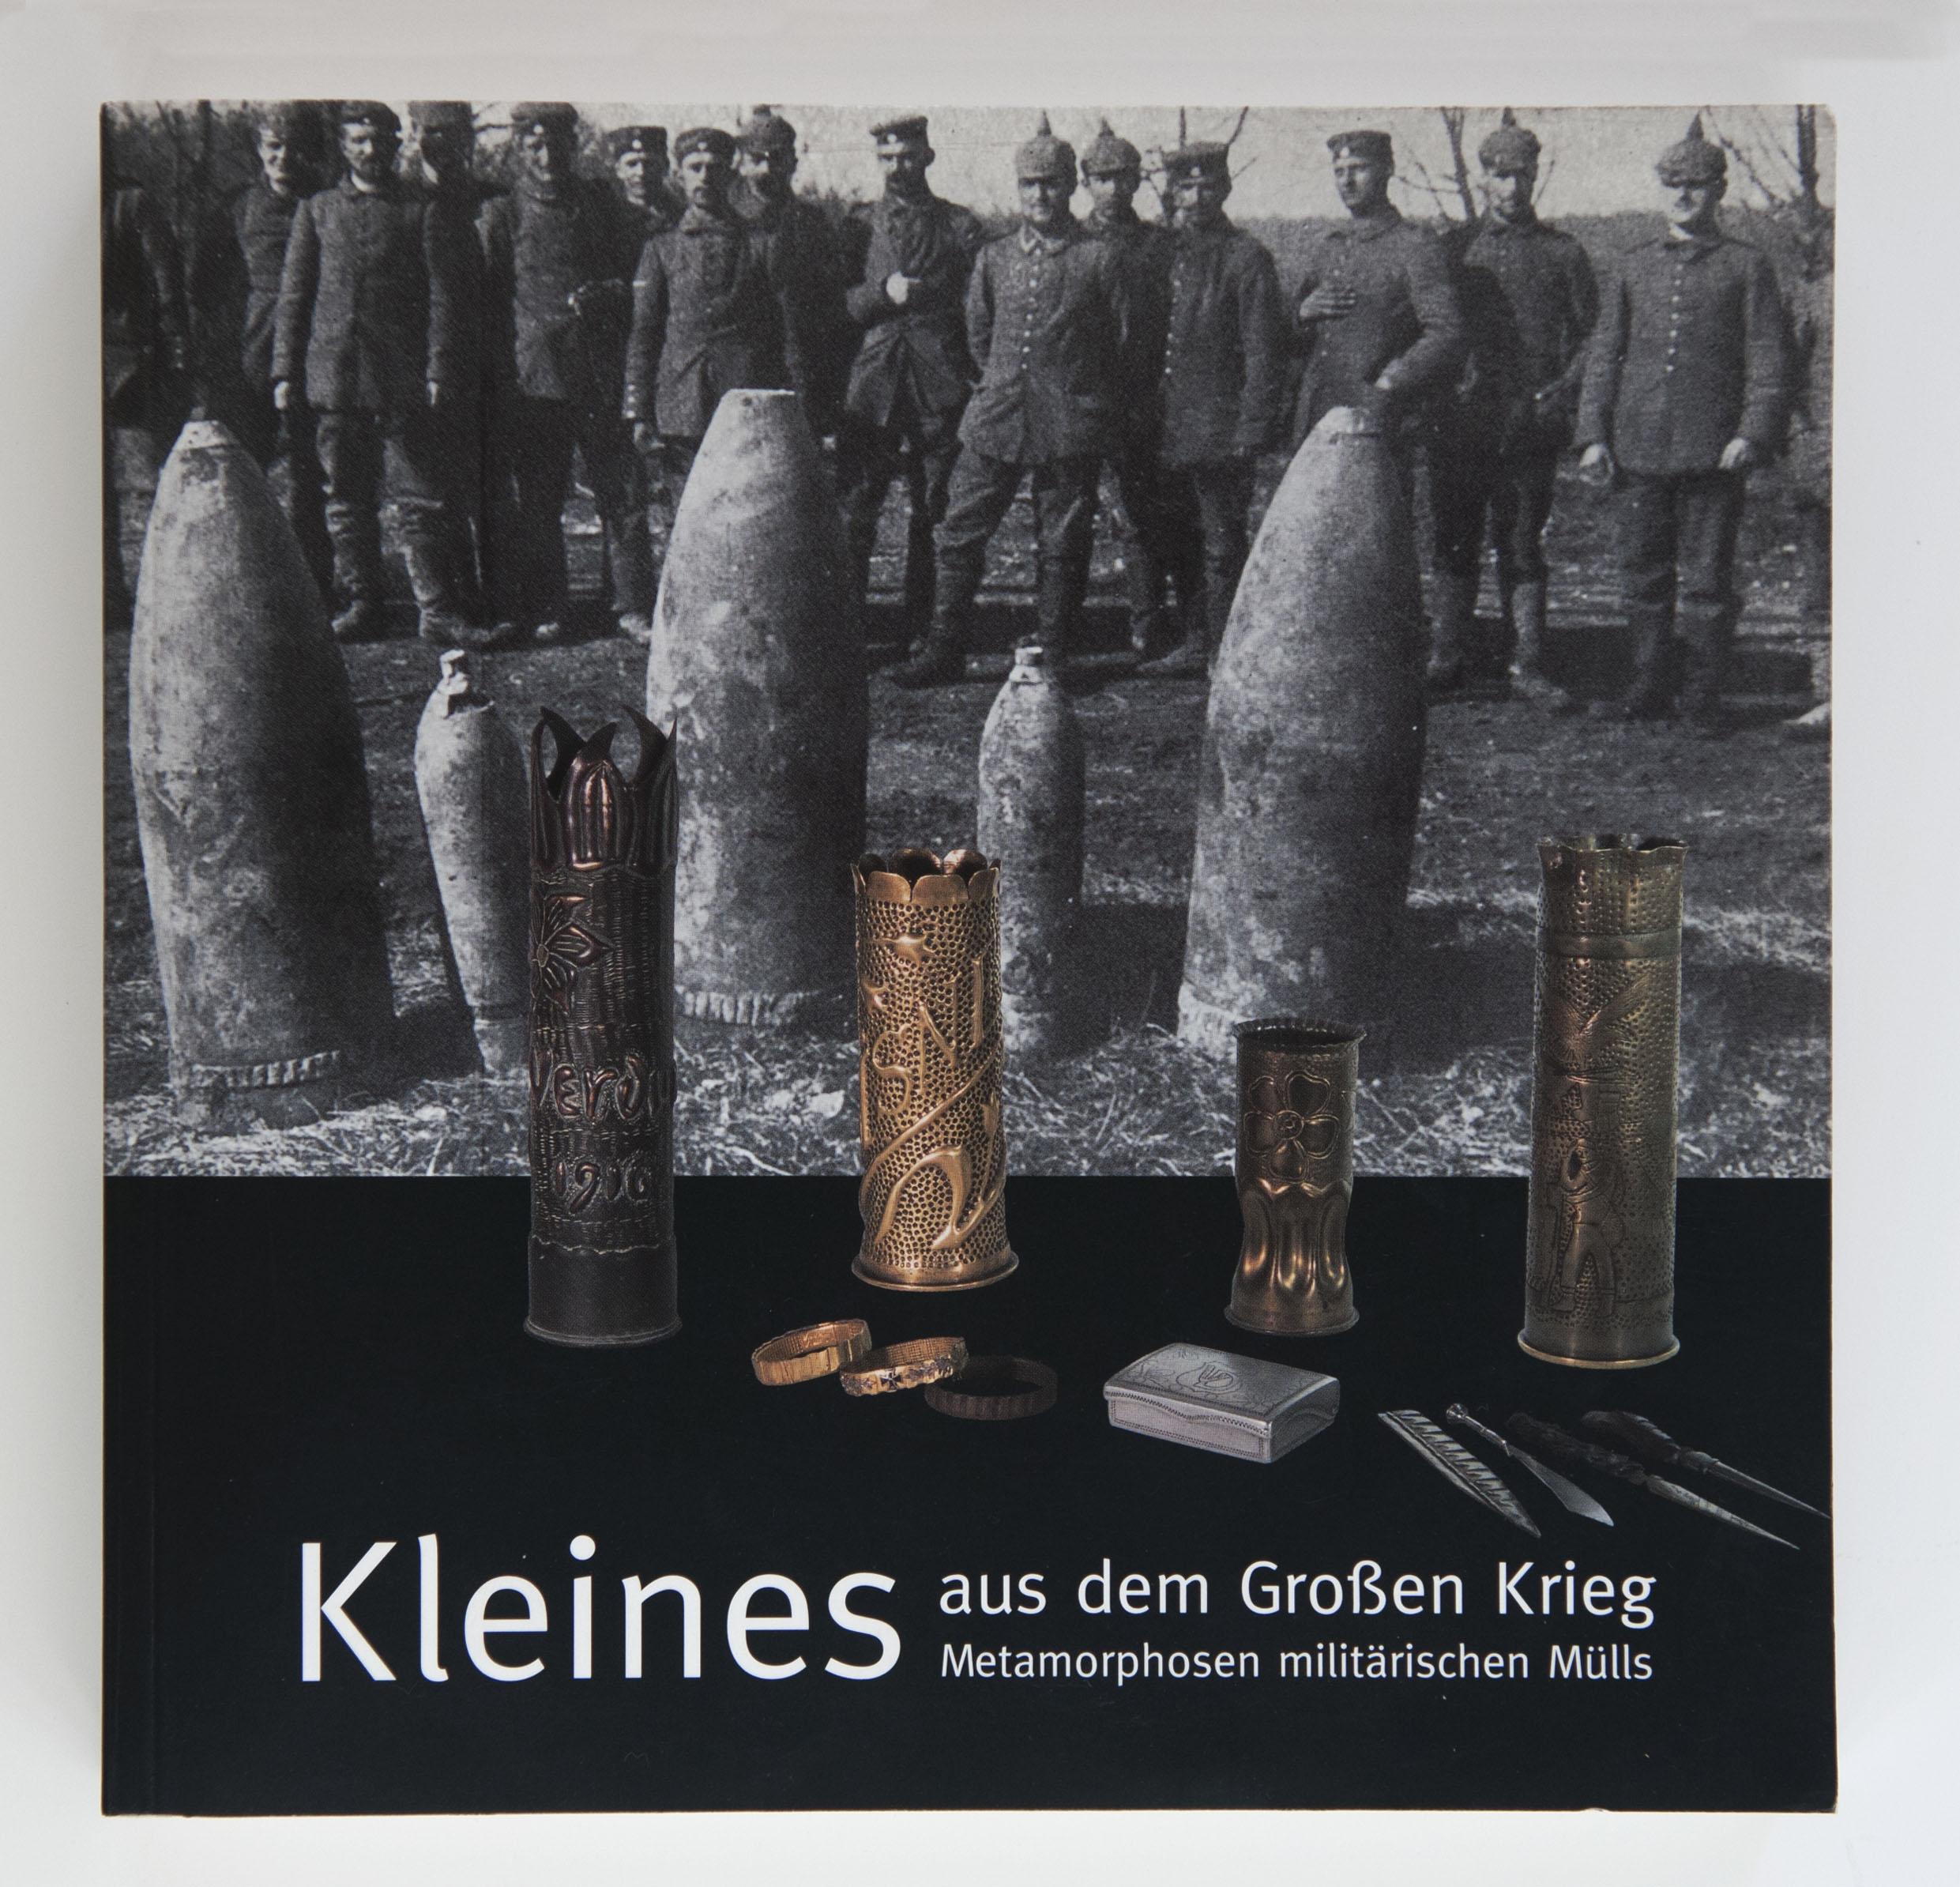 Kleines aus dem Grossen Krieg By Gottfried Korff.jpg